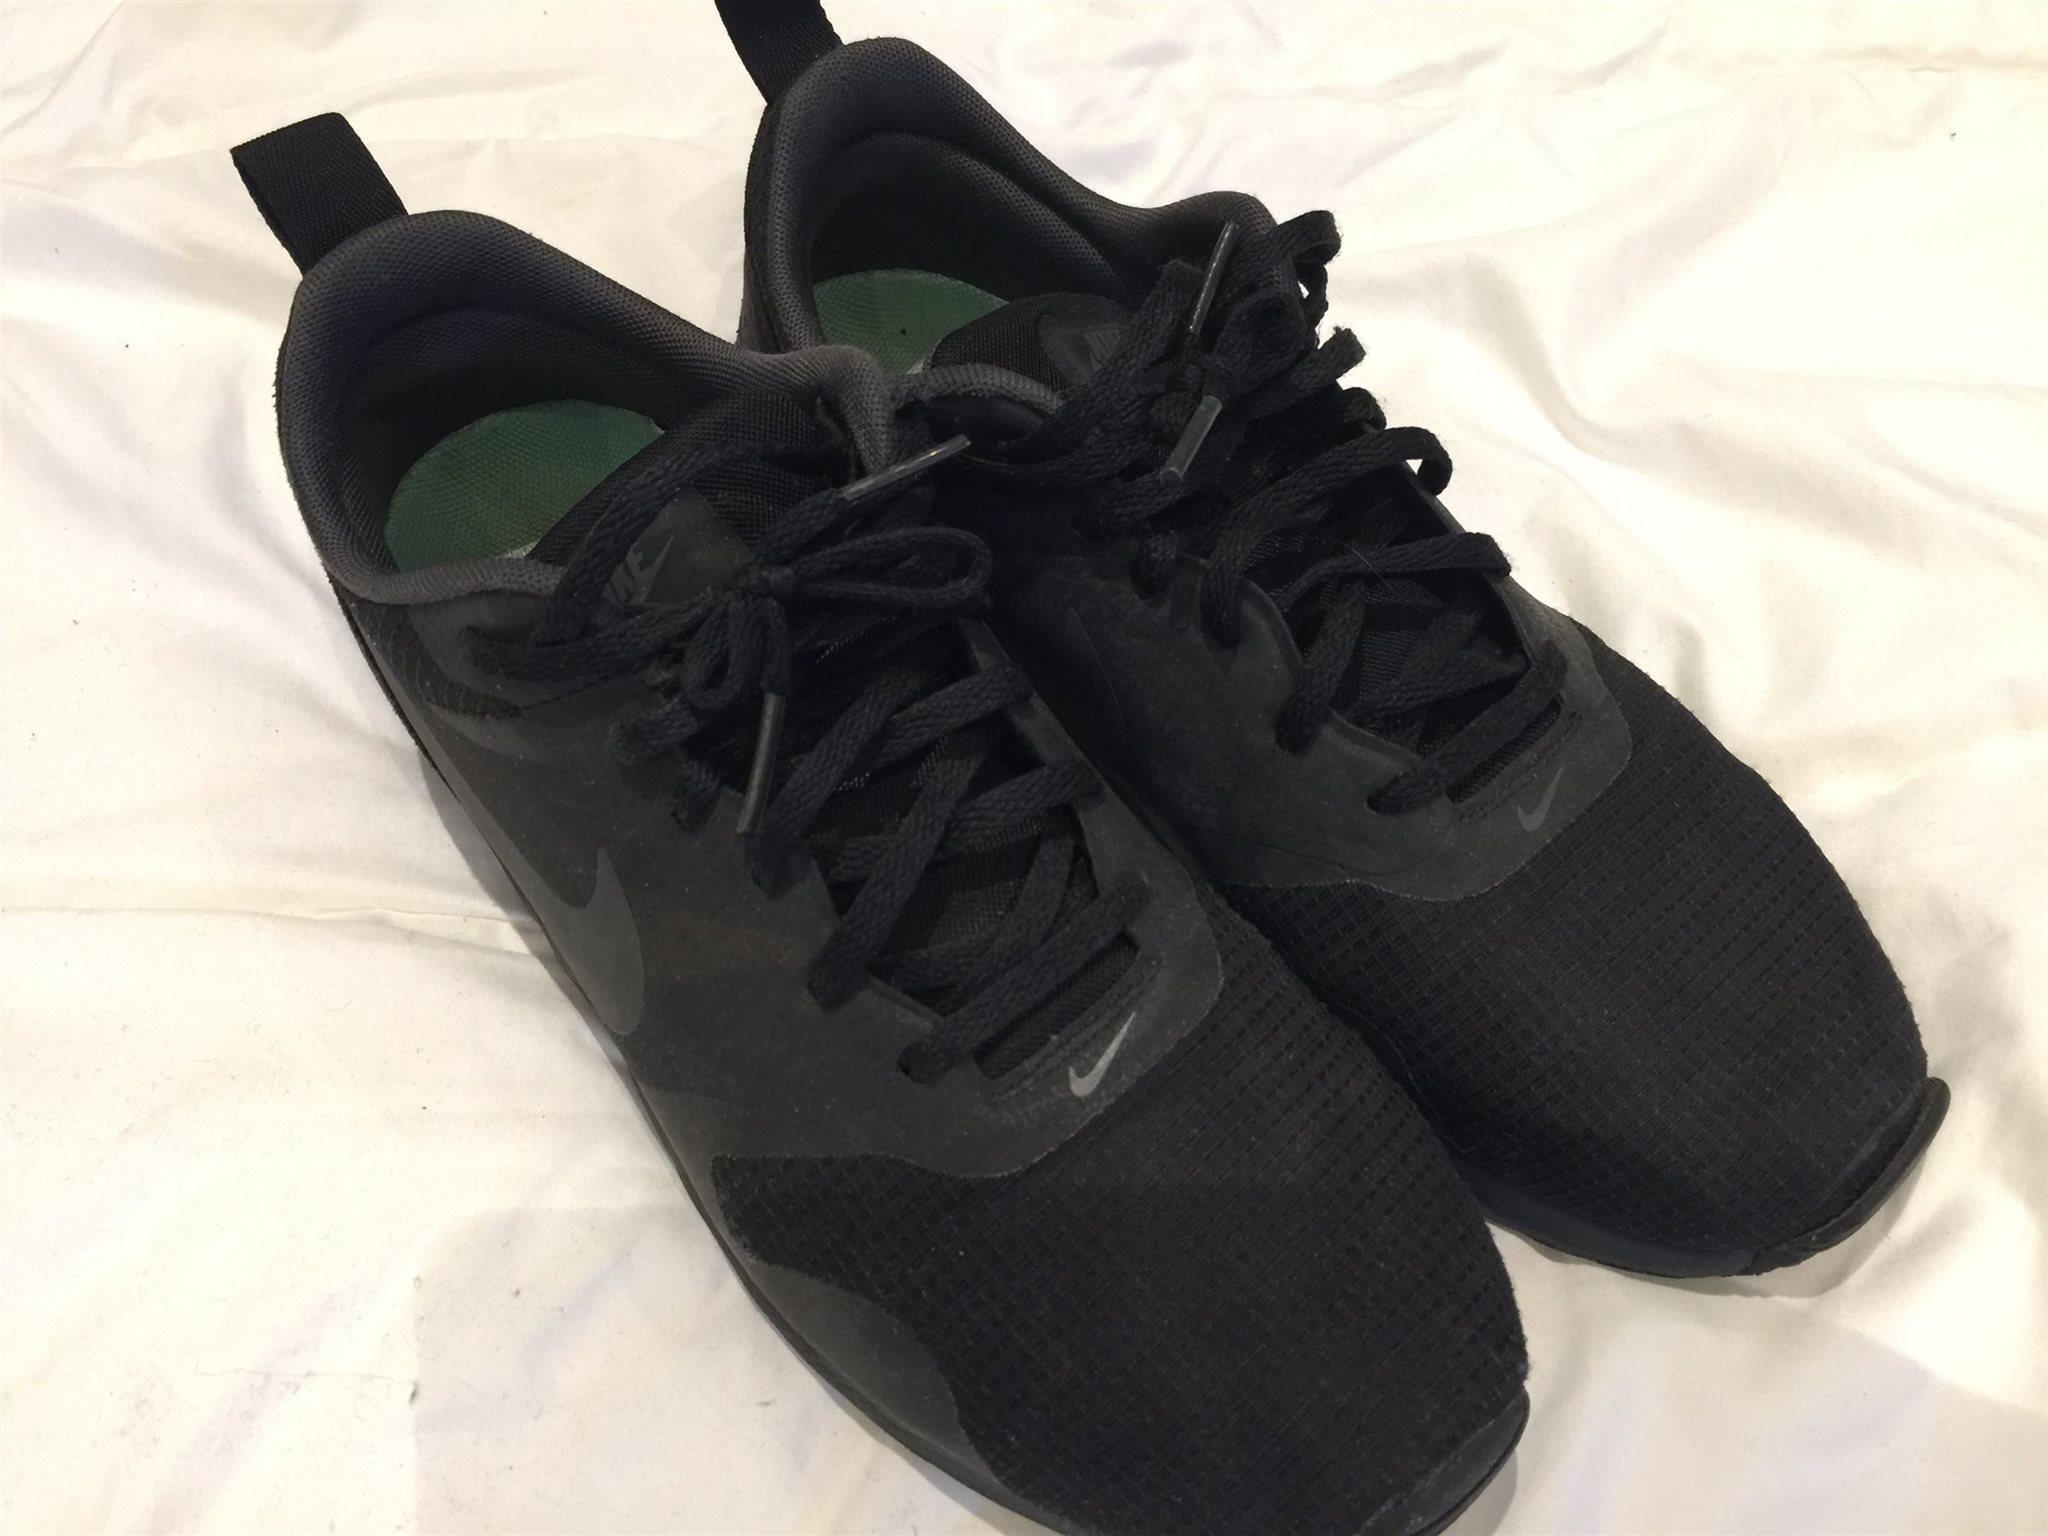 low priced 3e4d3 628a3 NIKE AIR MAX TAVAS Stl 42 Nike Air max